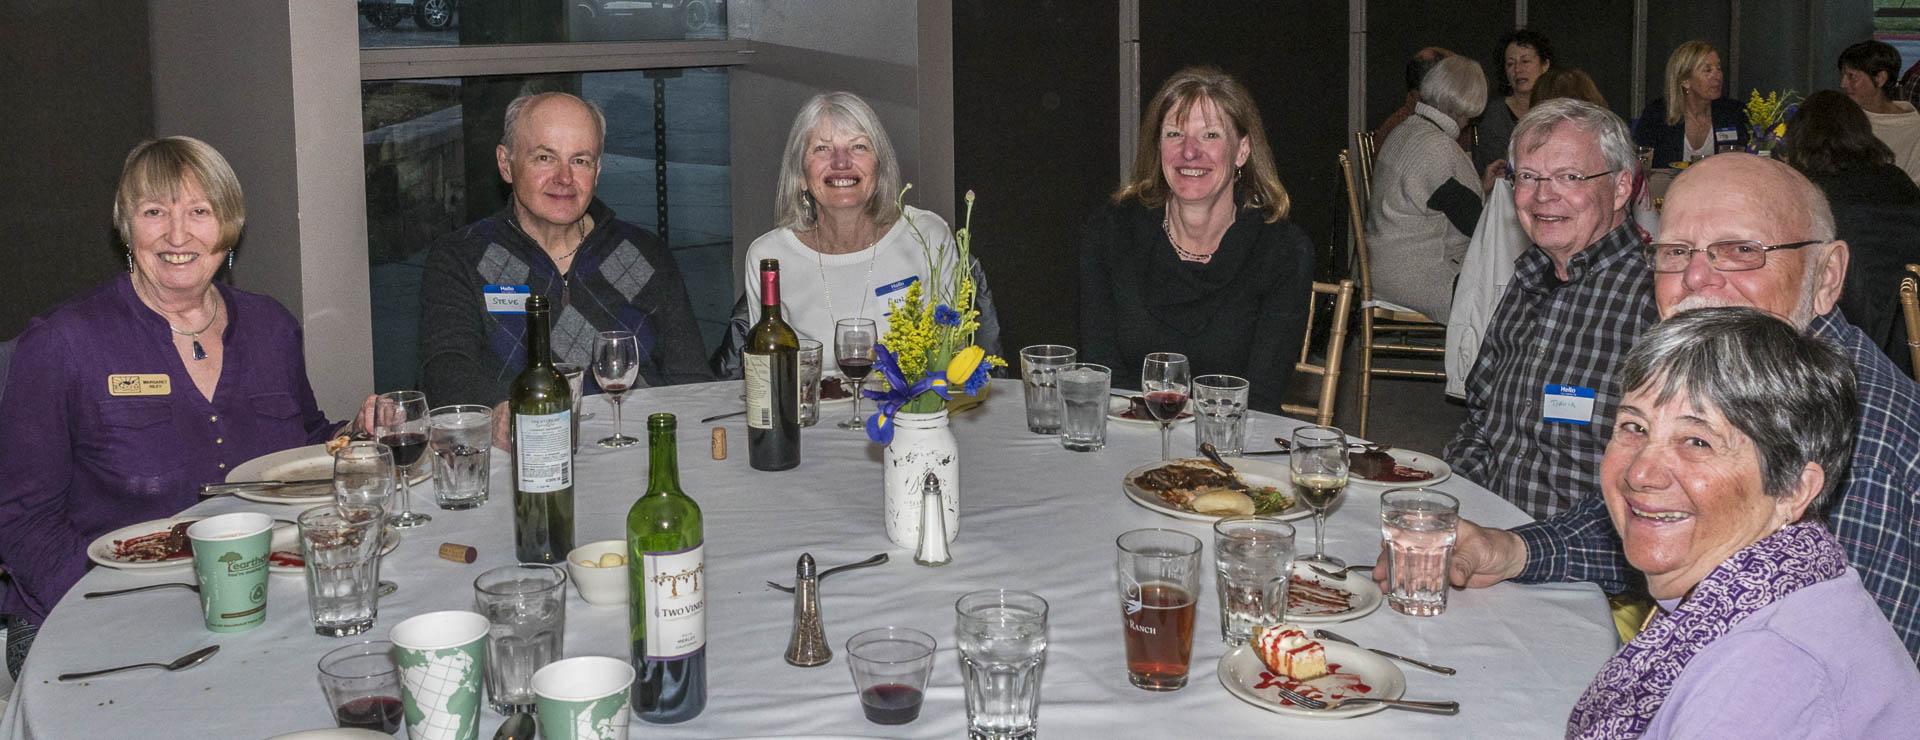 Volunteer-Appreciation-Dinner-2017-9